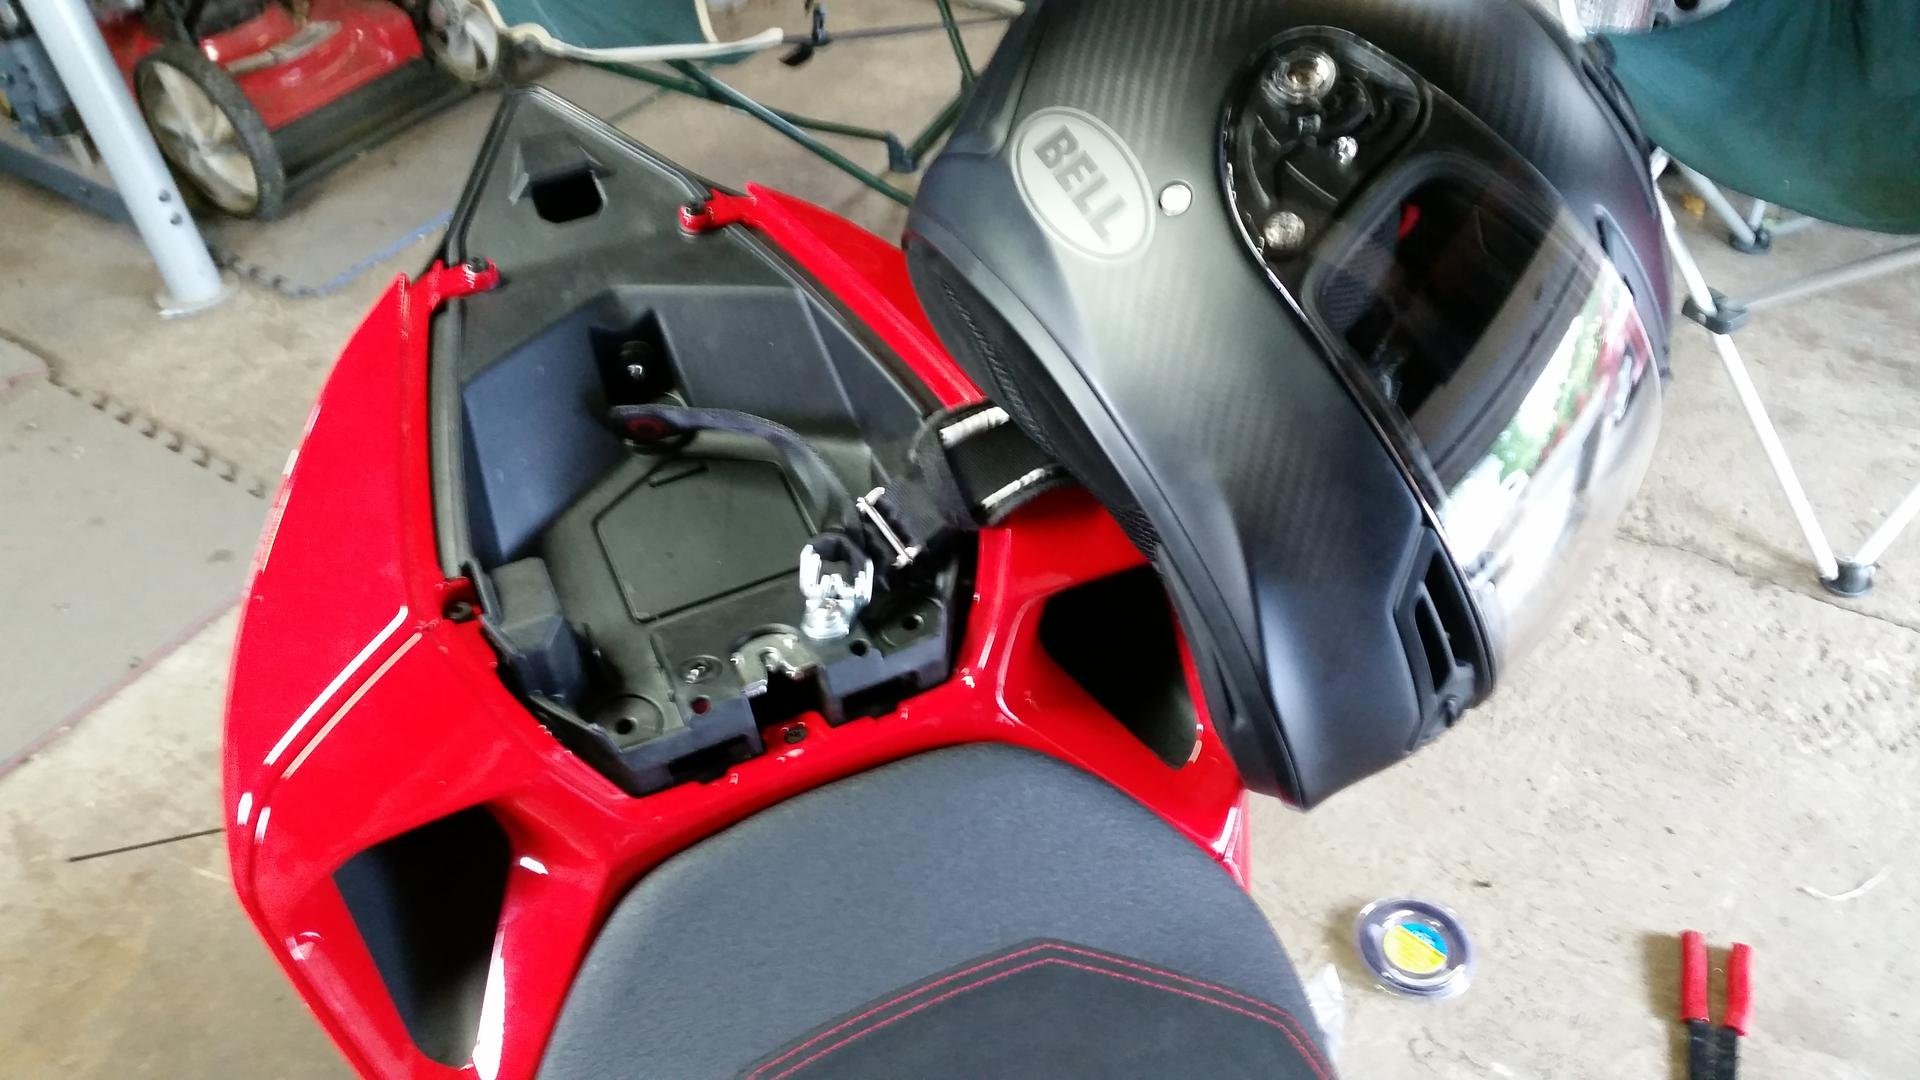 How To In Trunk Helmet Lock Ducati 899 Panigale Forum